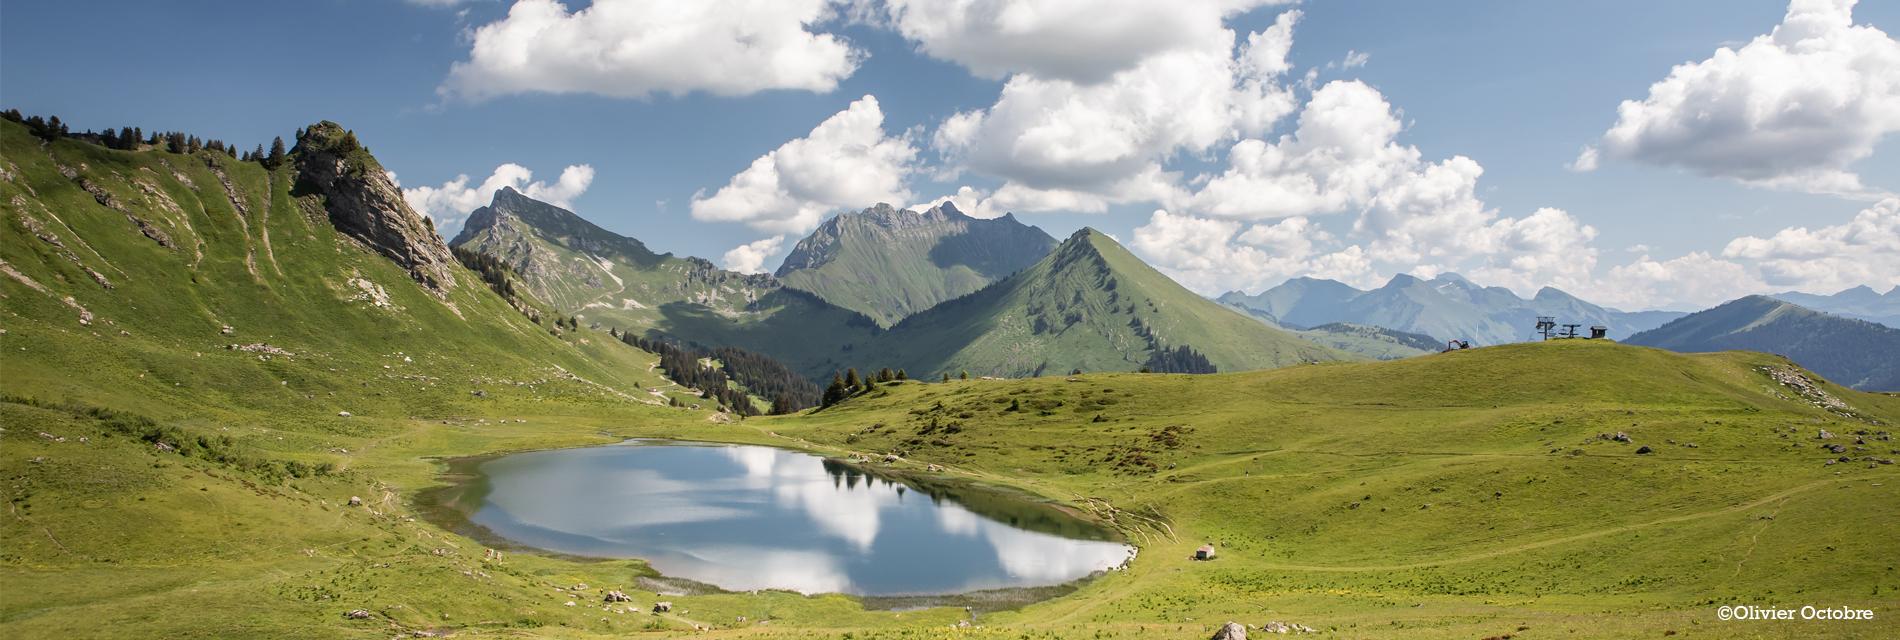 Lac de Roy Praz de Lys